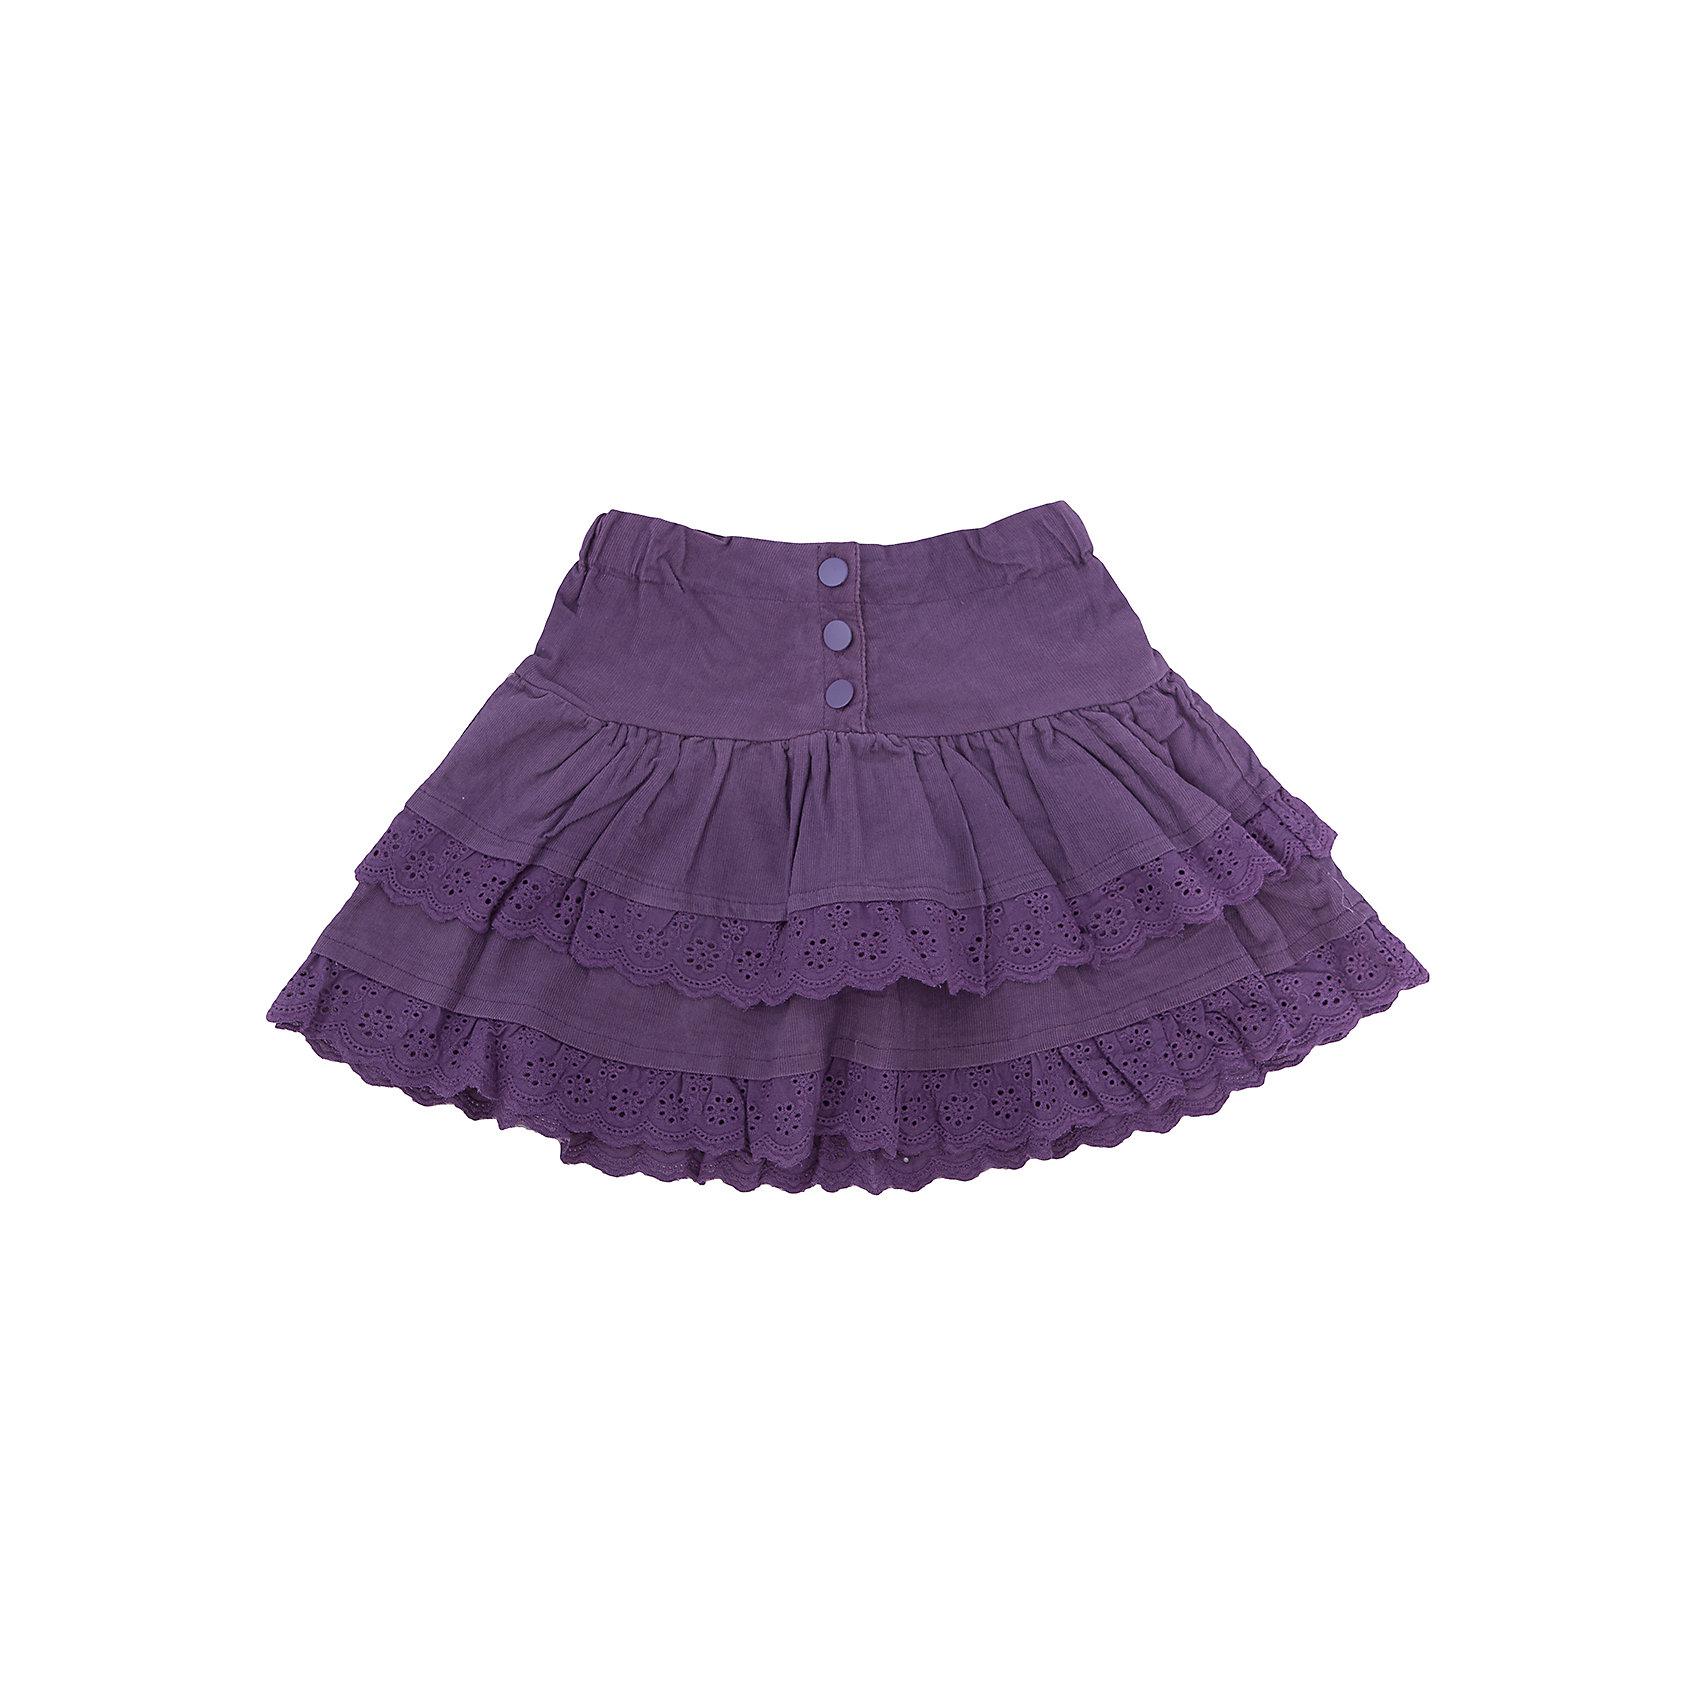 Юбка для девочки Sweet BerryЮбки<br>Эта юбка отличается модным дизайном с кружевом по краю подола. Удачный крой обеспечит ребенку комфорт и тепло. Плотный материал делает вещь идеальной для прохладной погоды. Она хорошо прилегает к телу там, где нужно, и отлично сидит на ребенке. Натуральный хлопок обеспечит коже возможность дышать и не вызовет аллергии. В поясе юбки - мягкая резинка.<br>Одежда от бренда Sweet Berry - это простой и выгодный способ одеть ребенка удобно и стильно. Всё изделия тщательно проработаны: швы - прочные, материал - качественный, фурнитура - подобранная специально для детей.<br><br>Дополнительная информация:<br><br>цвет: фиолетовый;<br>состав: 100% хлопок (микровельвет);<br>в поясе - мягкая резинка, кружево по краю подола.<br><br>Юбку для девочки от бренда Sweet Berry можно купить в нашем интернет-магазине.<br><br>Ширина мм: 207<br>Глубина мм: 10<br>Высота мм: 189<br>Вес г: 183<br>Цвет: фиолетовый<br>Возраст от месяцев: 24<br>Возраст до месяцев: 36<br>Пол: Женский<br>Возраст: Детский<br>Размер: 98,104,110,116,122,128<br>SKU: 4931722